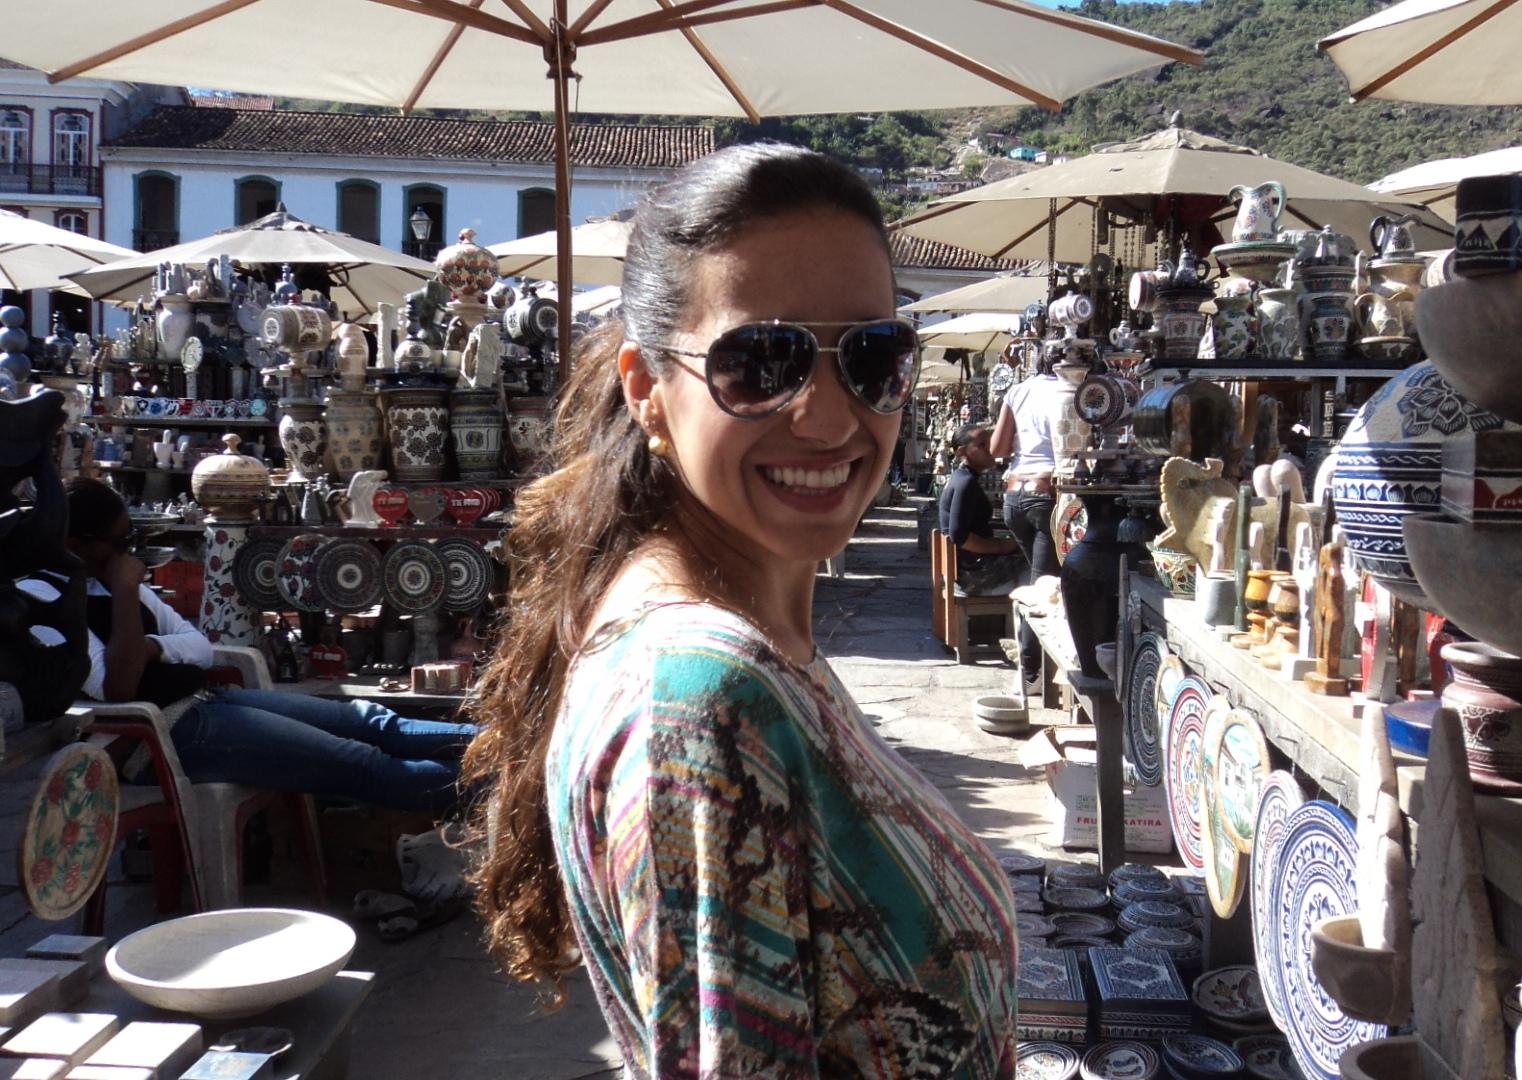 Feira Artesanato Goiania ~ Um café pra viagem, por favor! Setembro 2012